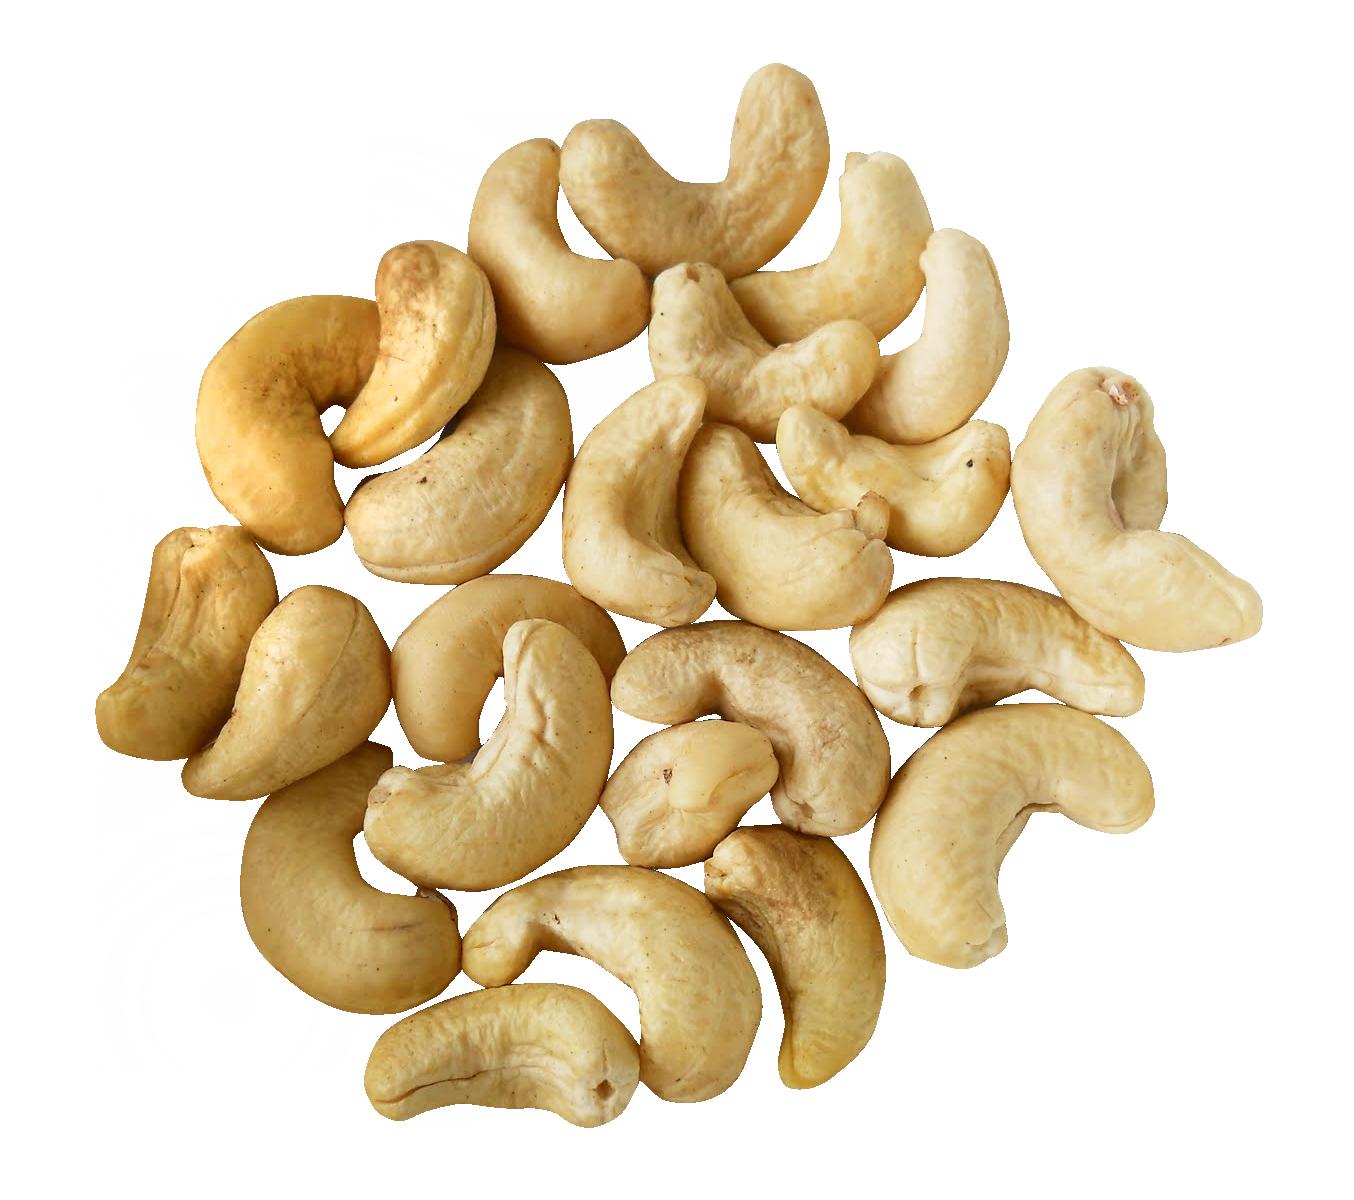 Cashew Nut PNG Transparent Image - Pistachio PNG